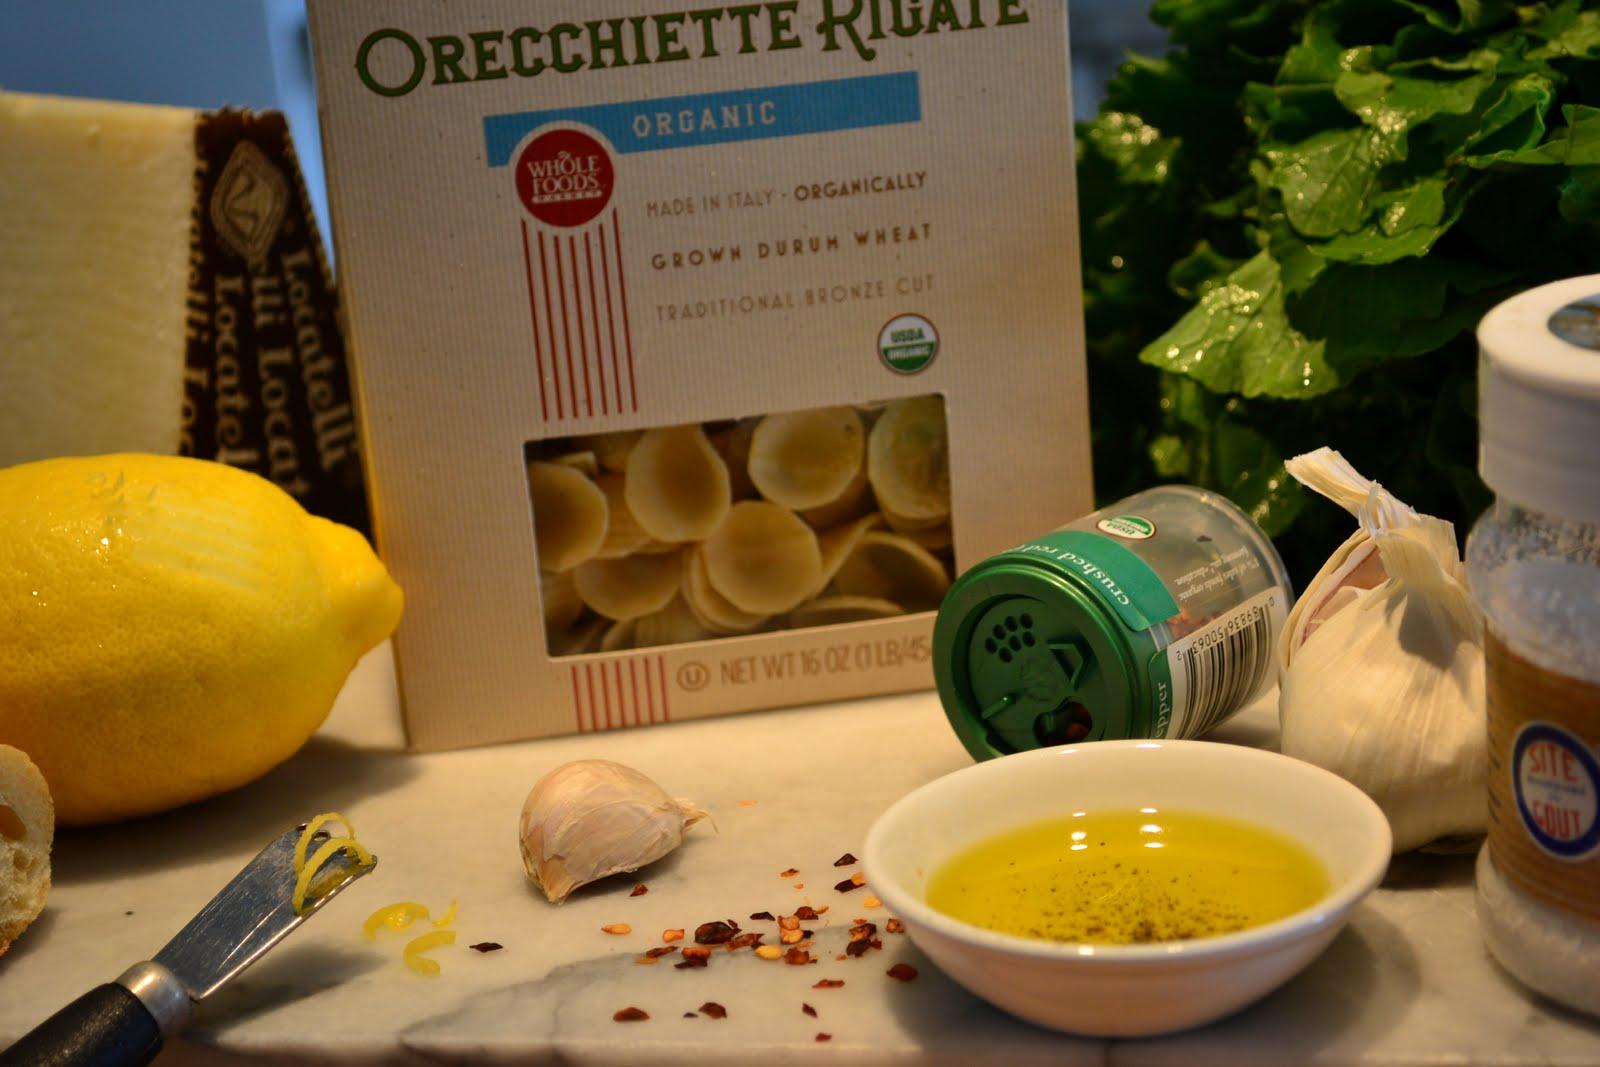 Orecchiette and Rappini - La Maison du Monde